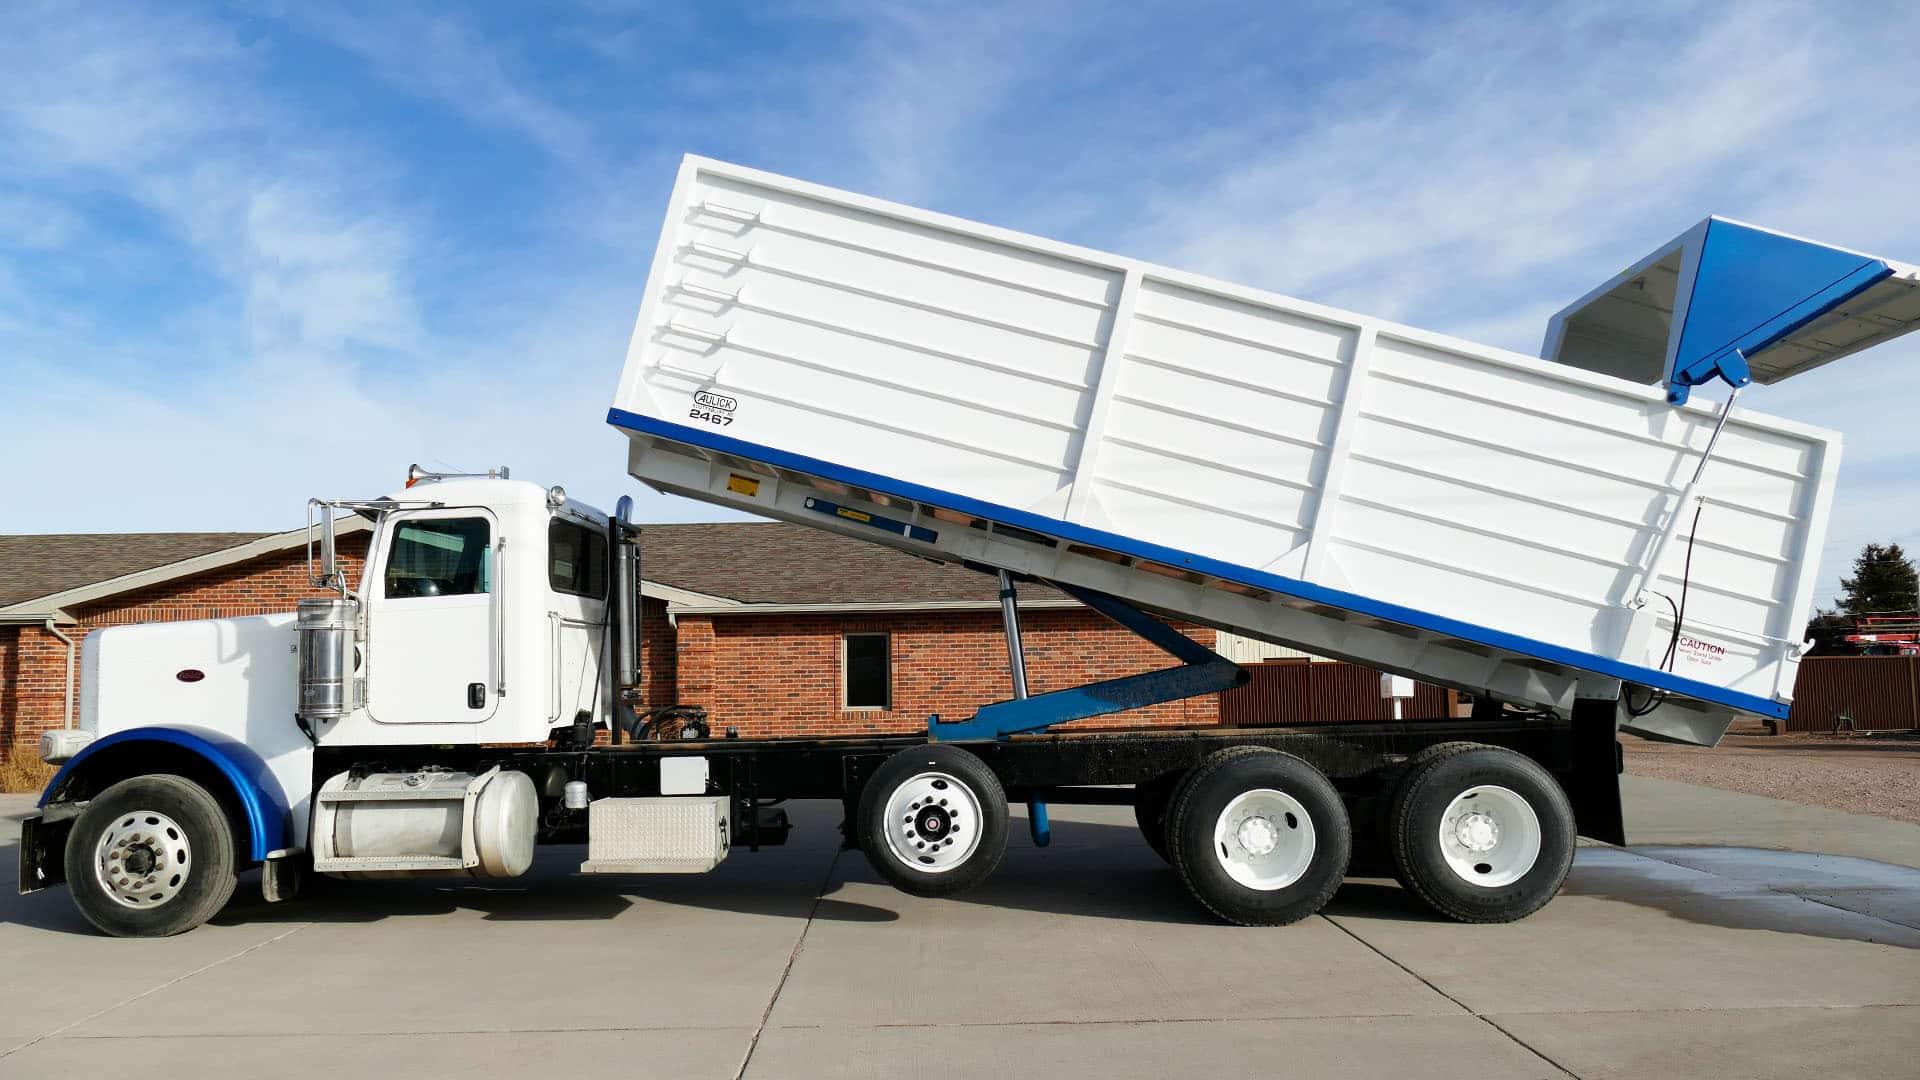 Aulick Farm Dump Trucks